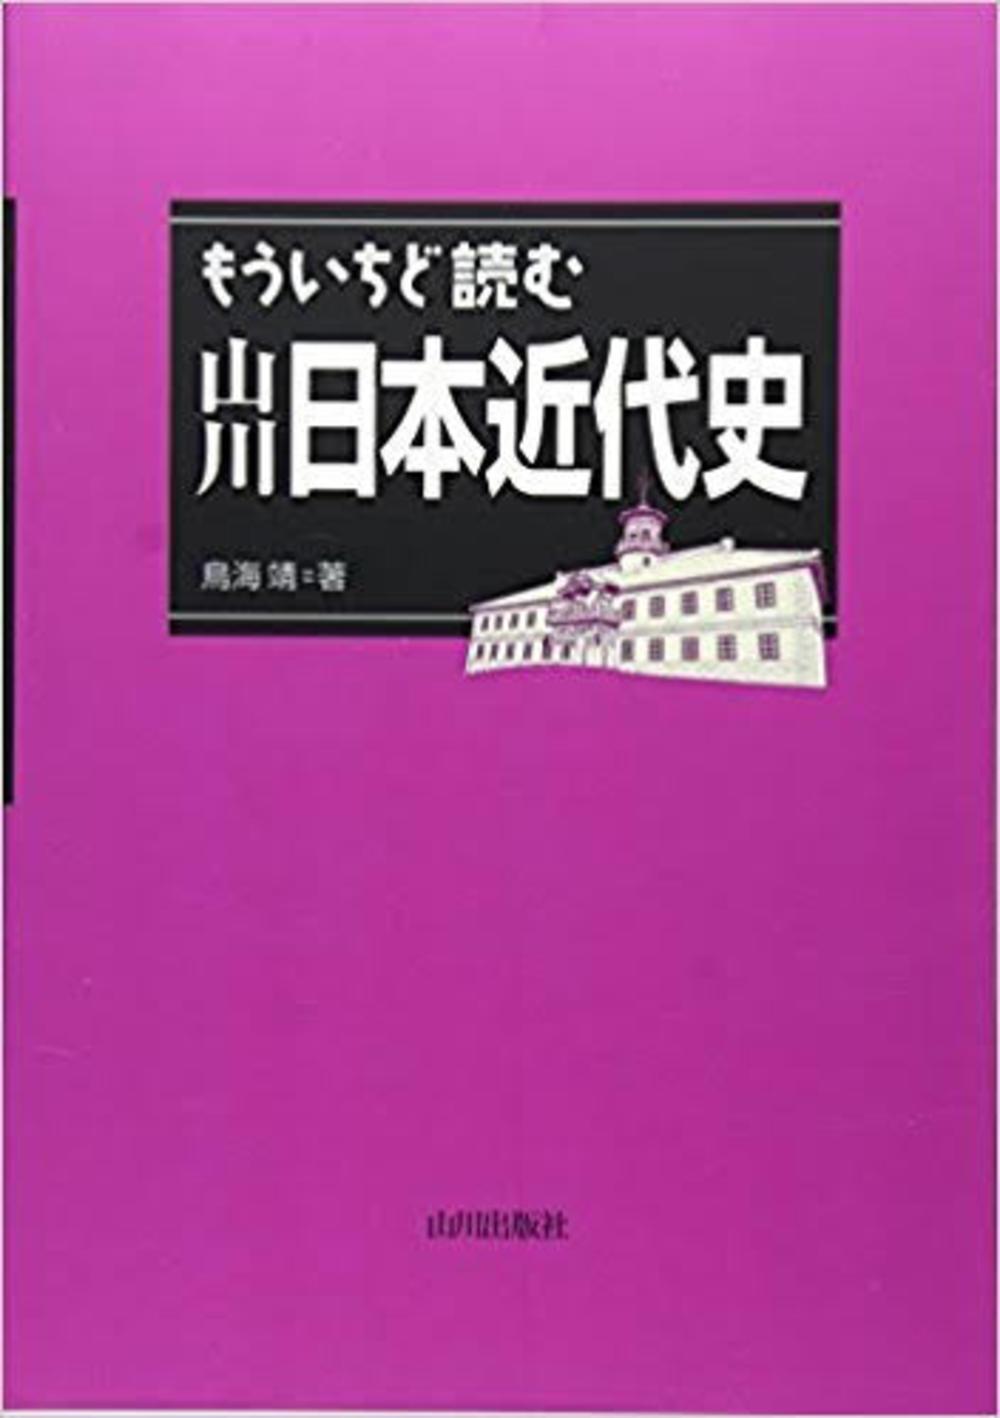 1/26(金) 【新年会】日本大好き!の会